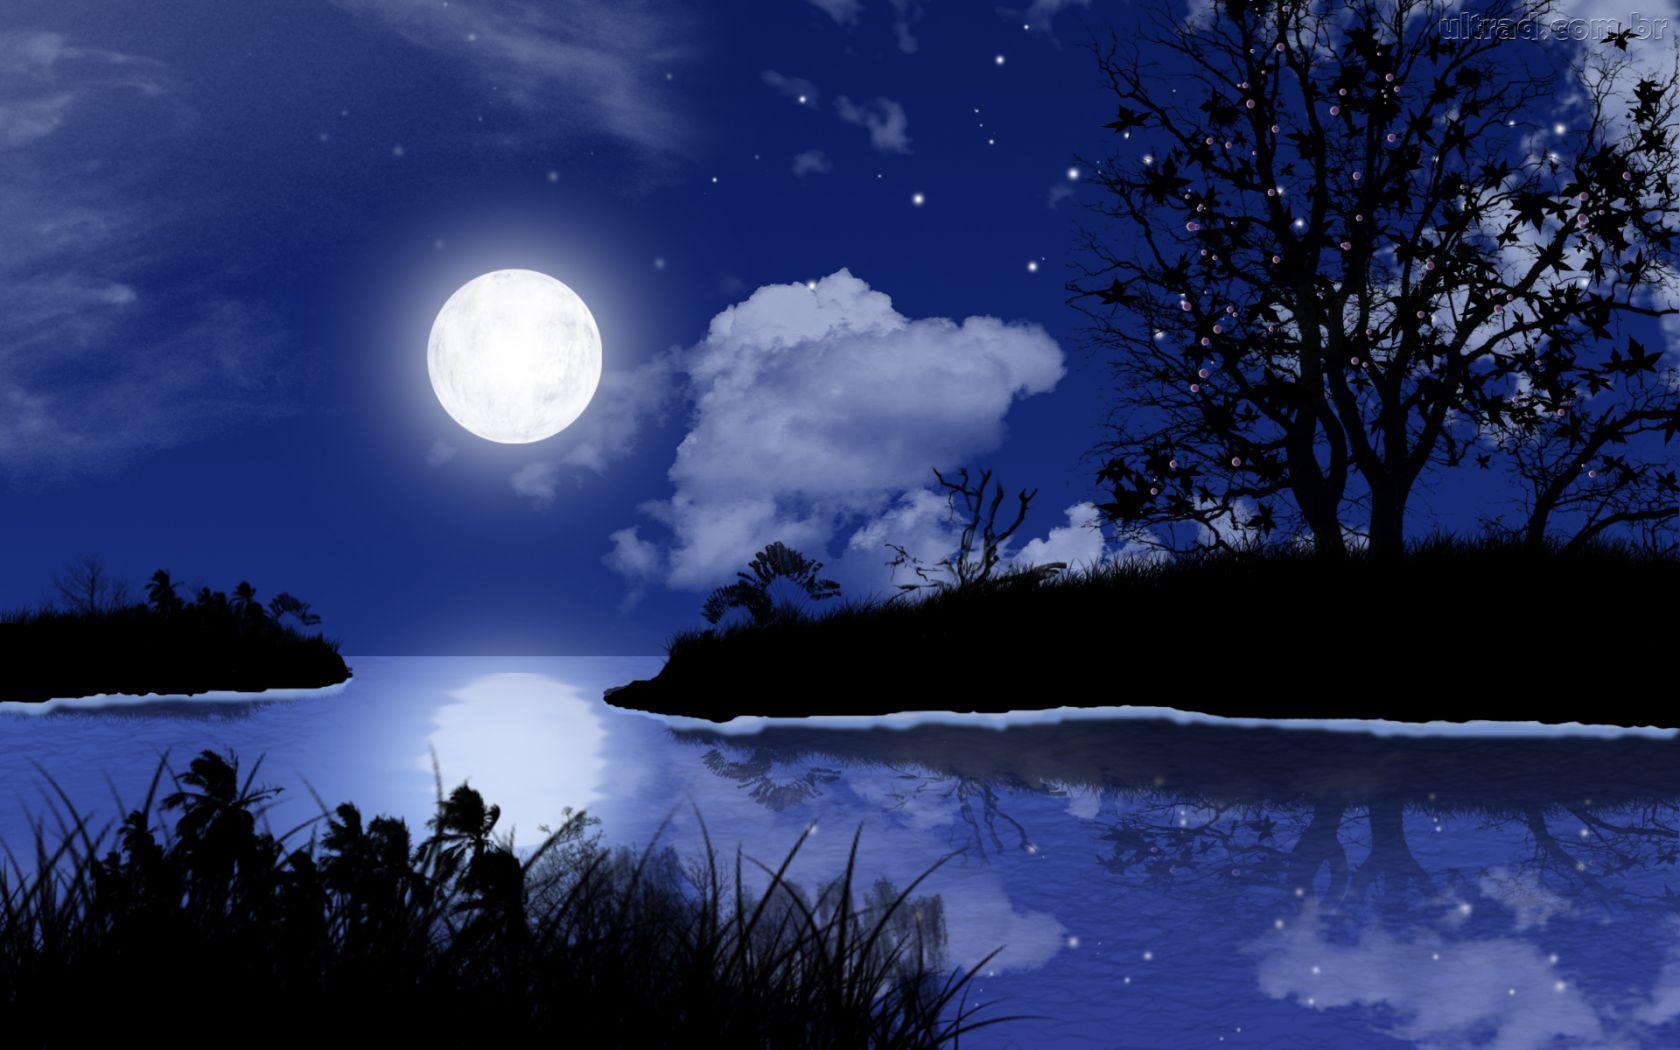 Suave-e-a-Noite Suave é a Noite